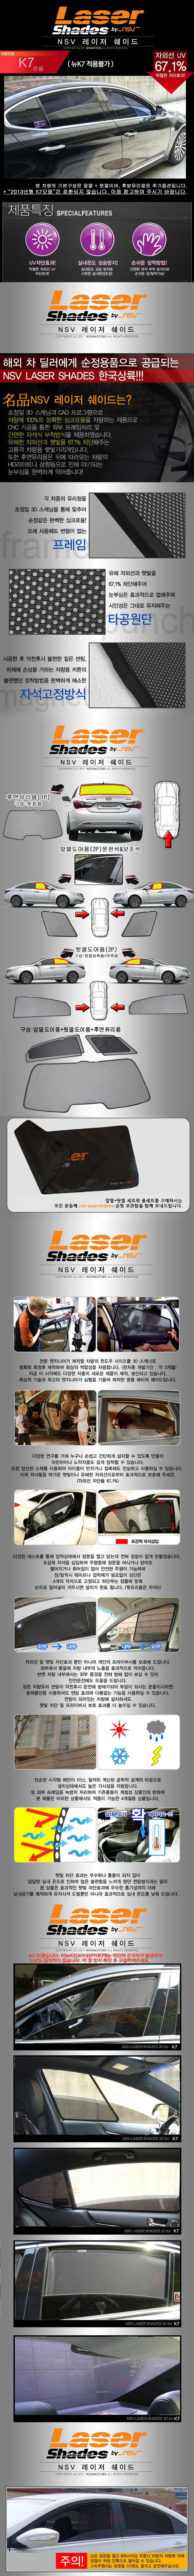 NSV 레이저쉐이드, 자석부착식 차량커튼 햇빛가리개 창문 그늘막